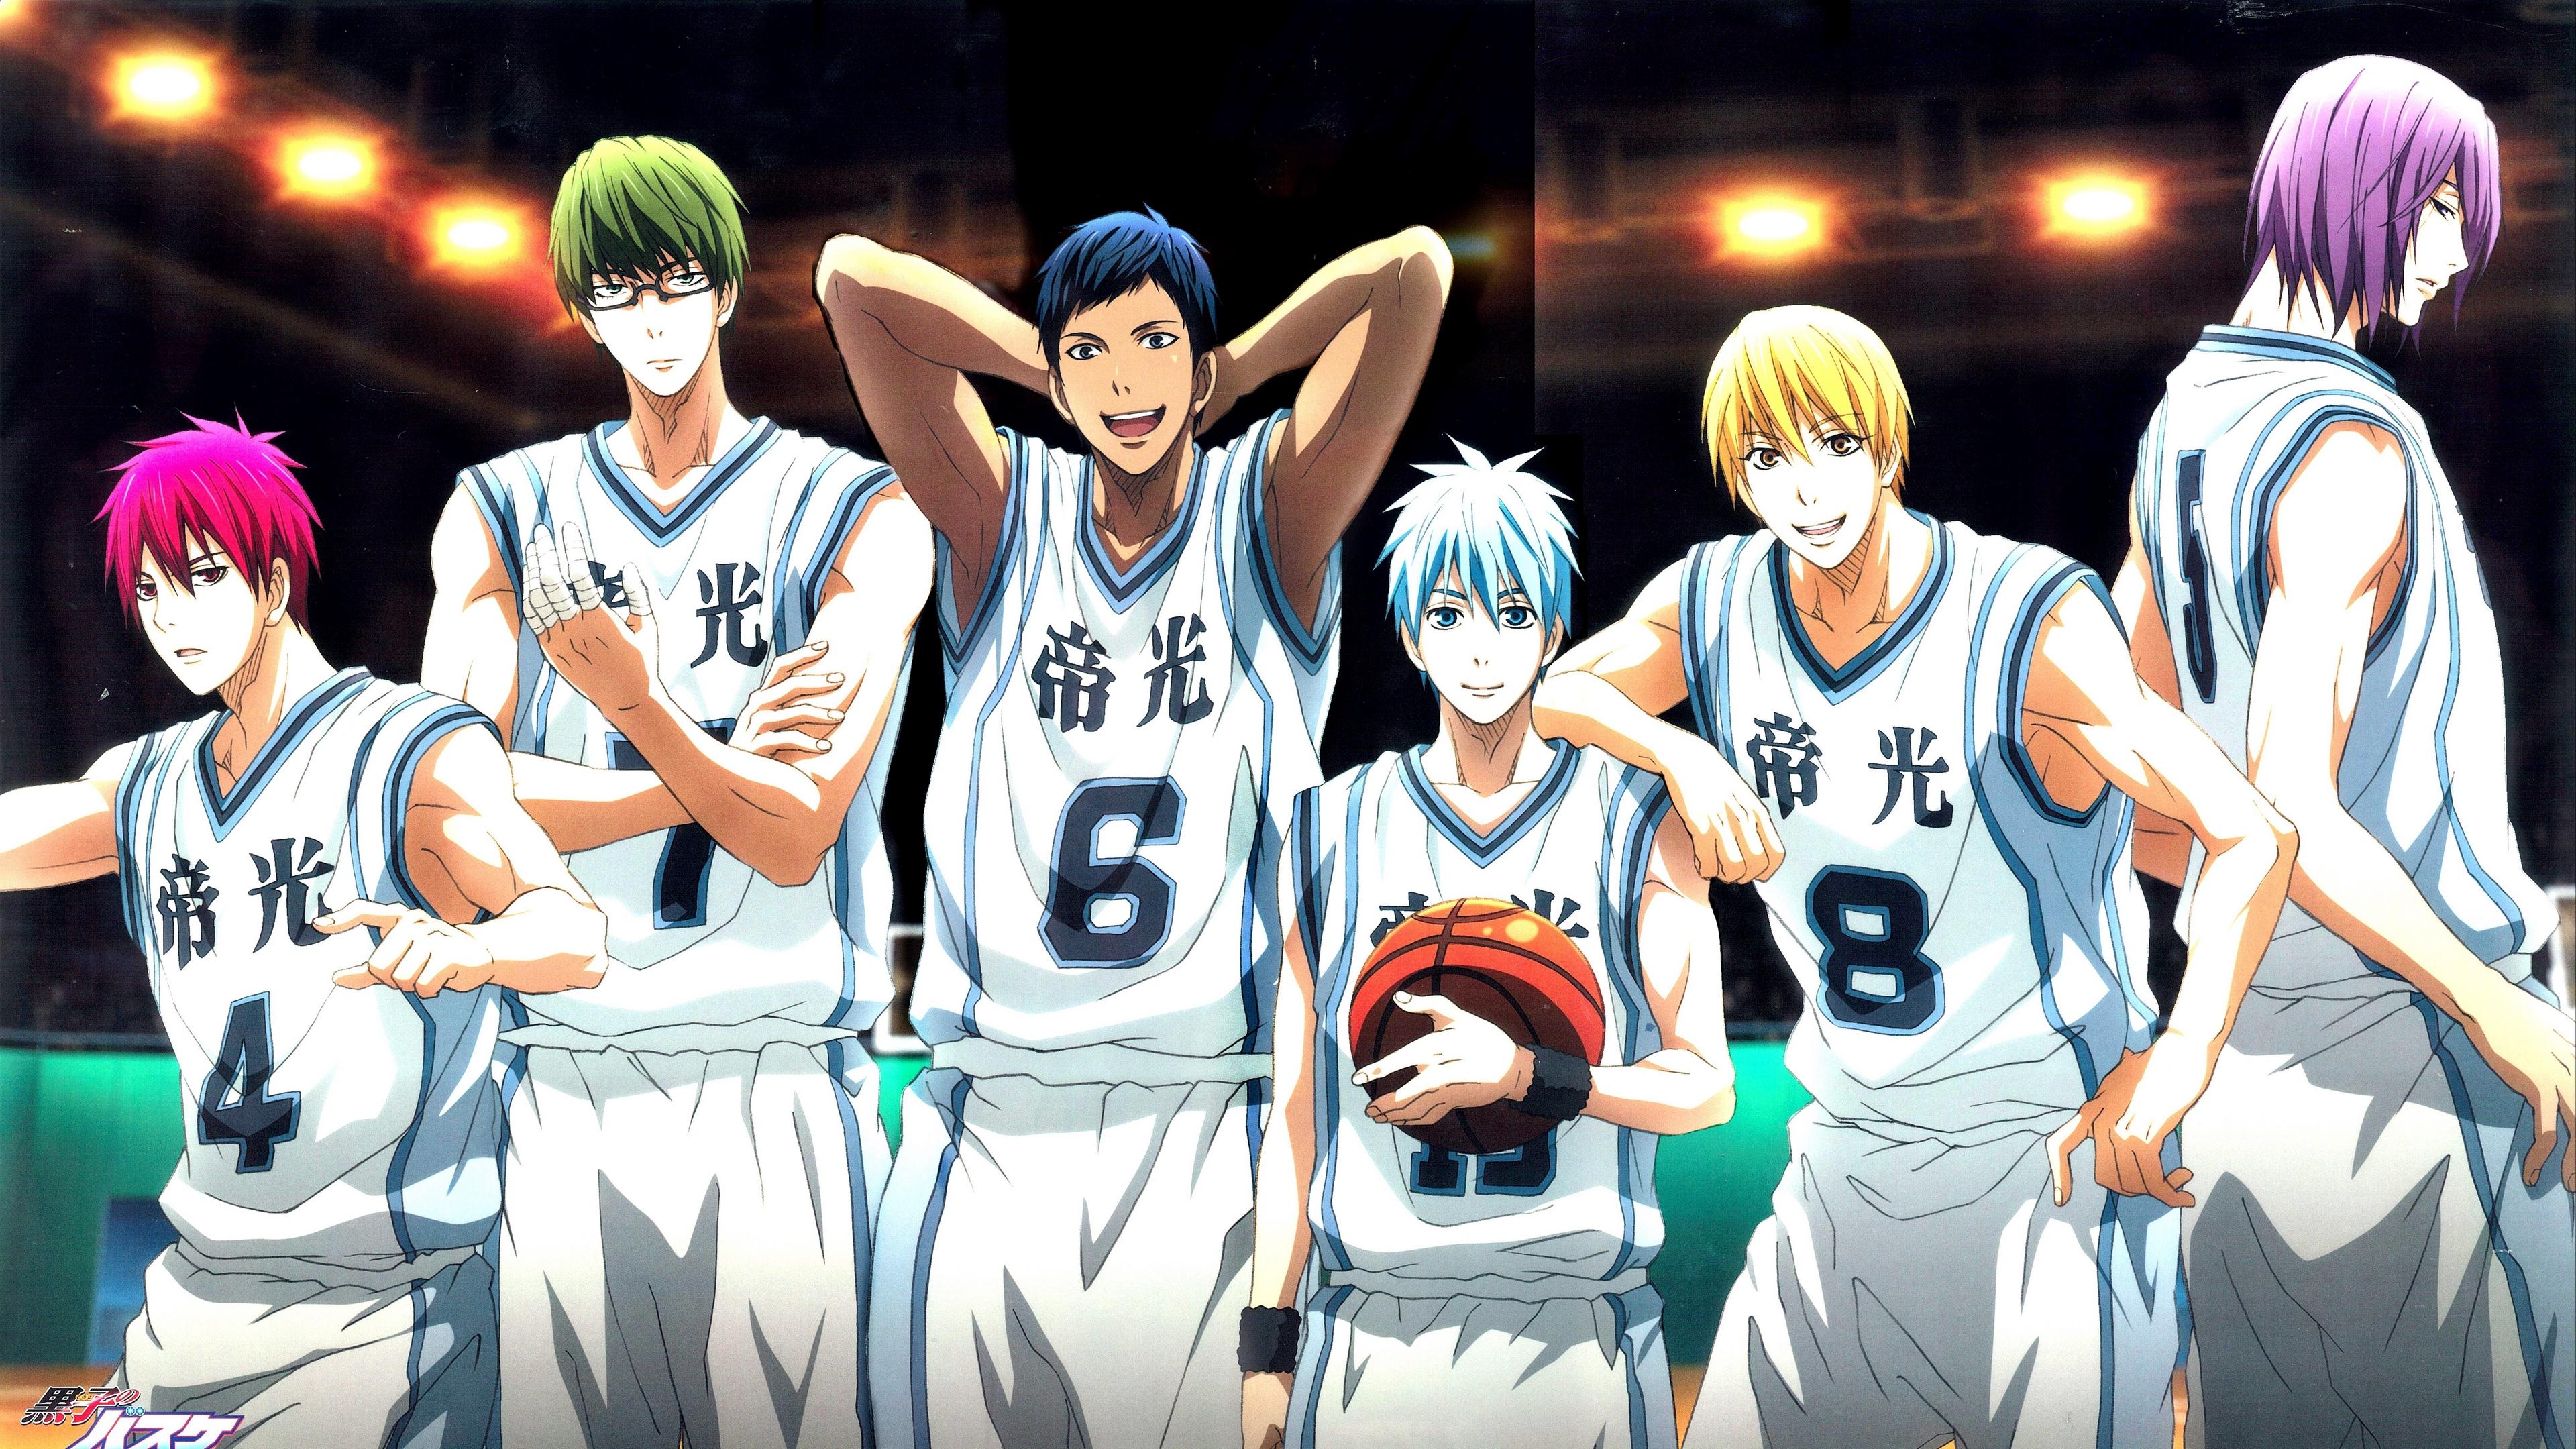 Wallpaper 4k Kuroko No Basket Team Akashi Seijuurou Aomine Daiki Kise Ryouta Kuroko Tetsuya Midorima Shintarou Murasakibara Atsushi 4k Akashi Seijuurou Kuroko No Basket Team